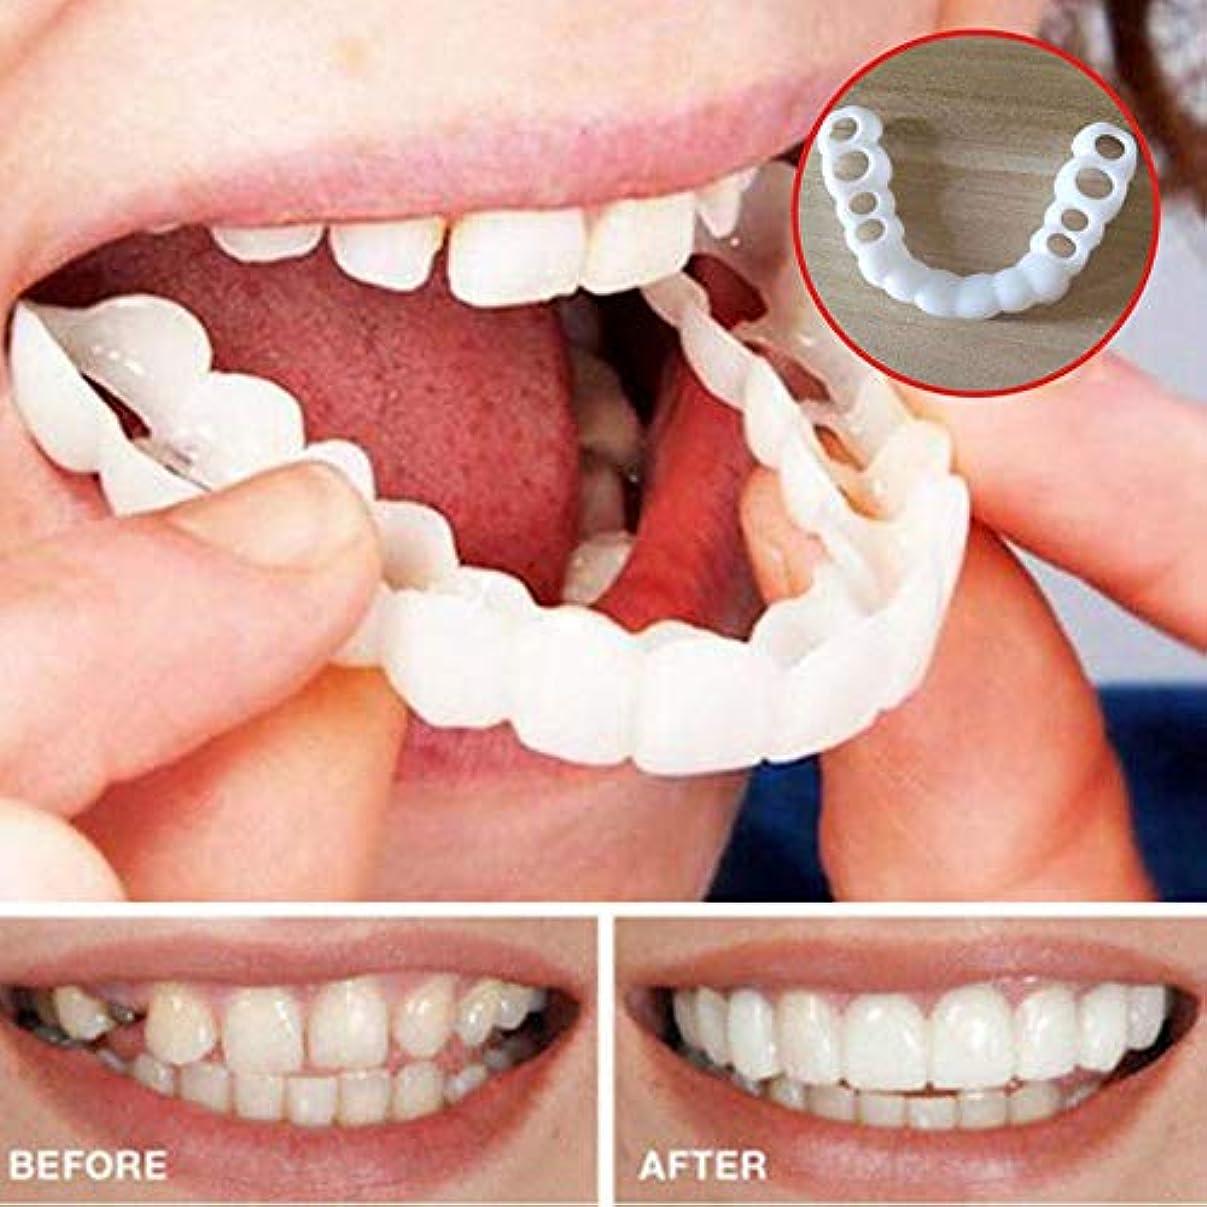 マウス考案する政権シリコンシミュレーション歯ホワイトニングブレース(3個),Upper